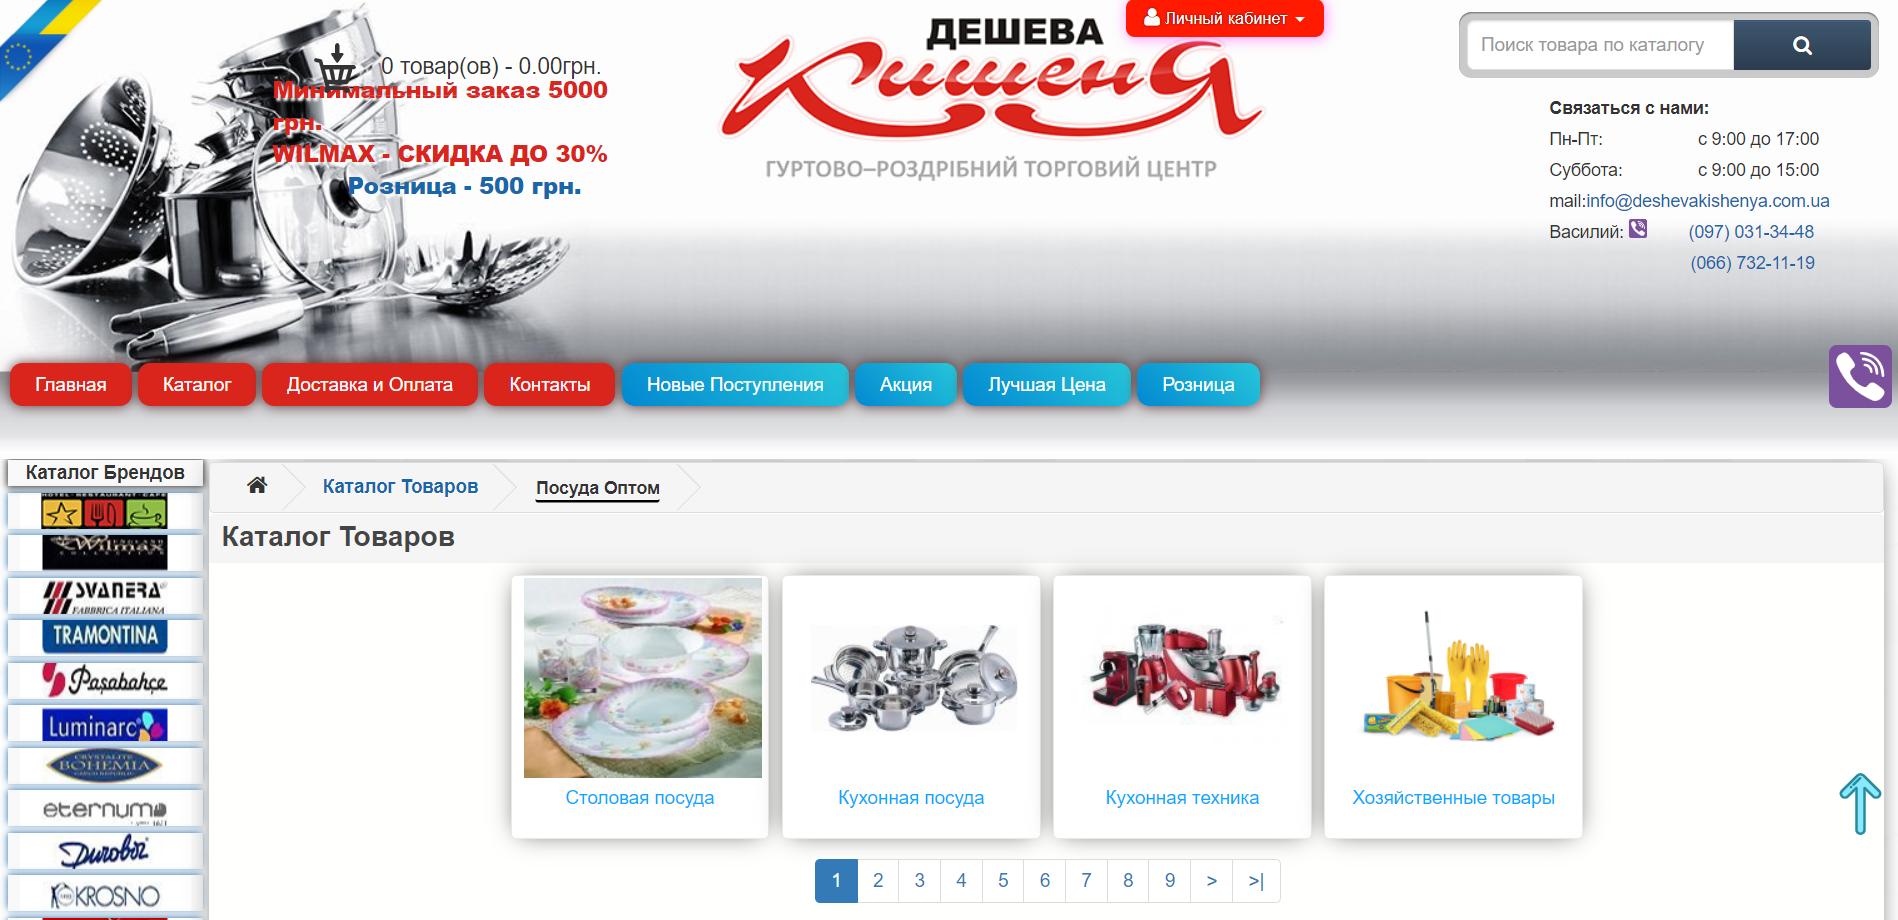 Торговый центр Дешева Кишеня